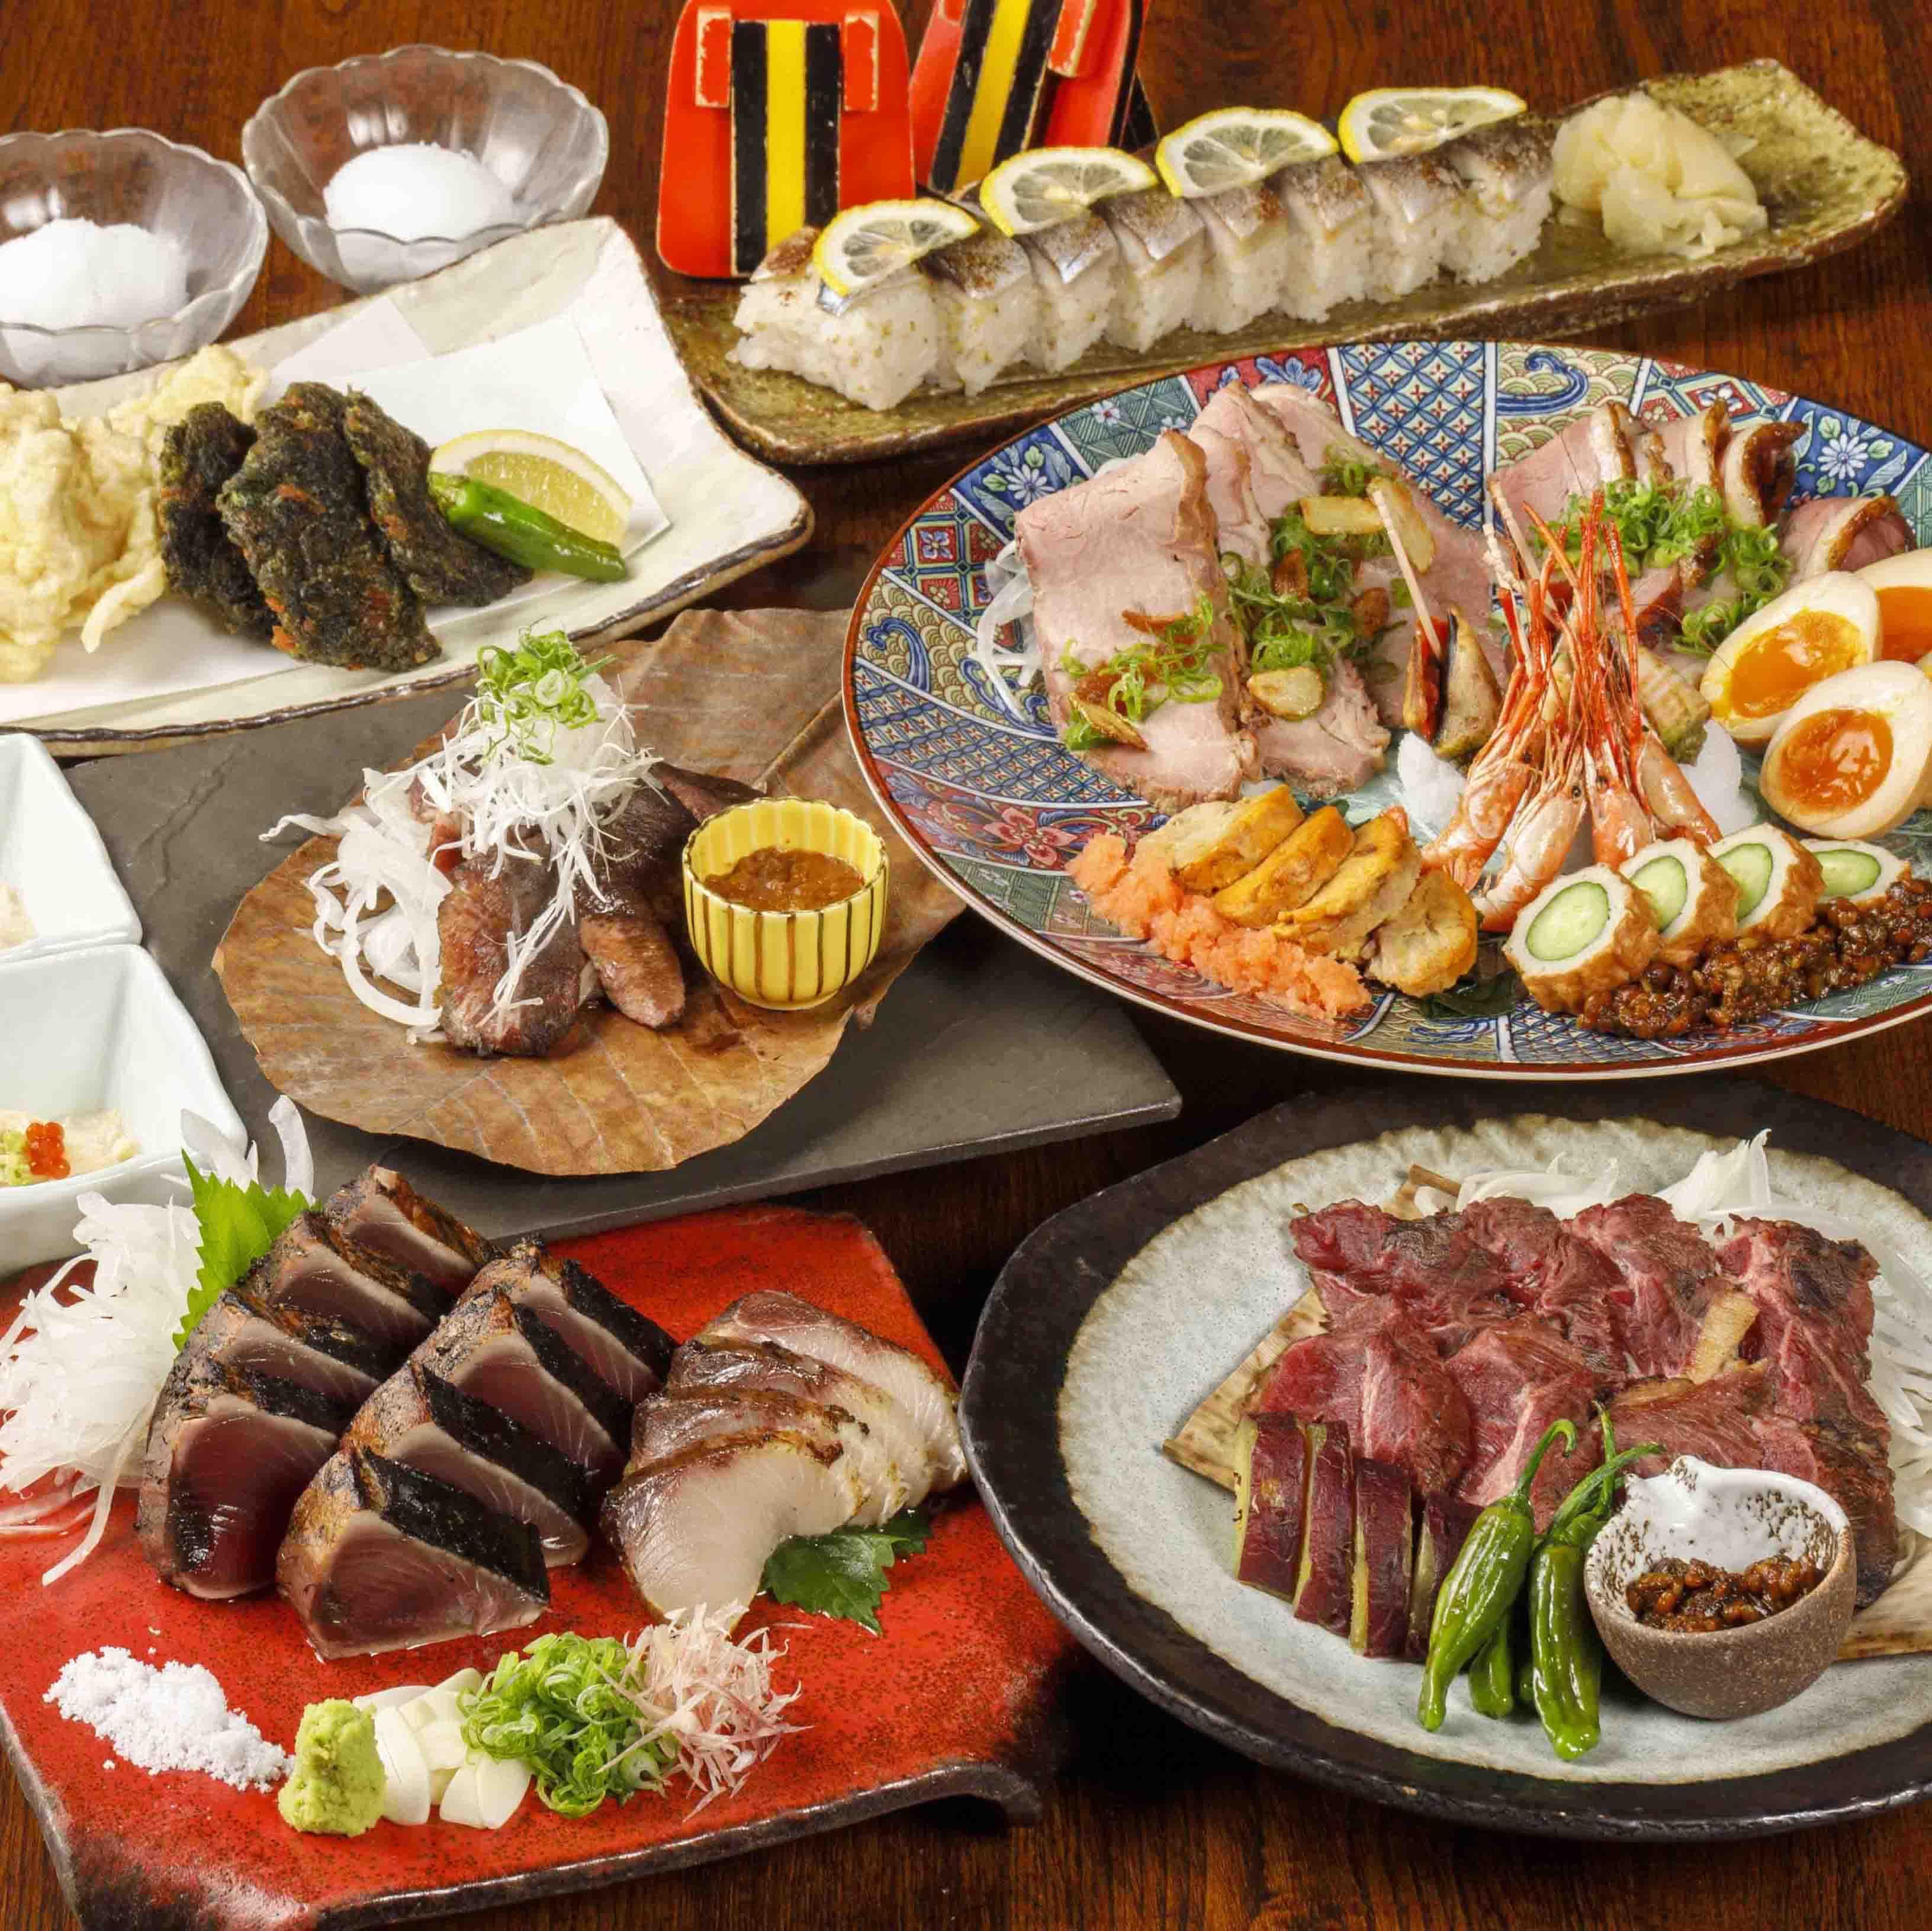 [3時間飲み放題] 鰹の藁焼き×黒毛和牛の藁焼きステーキ よさこいコース12品